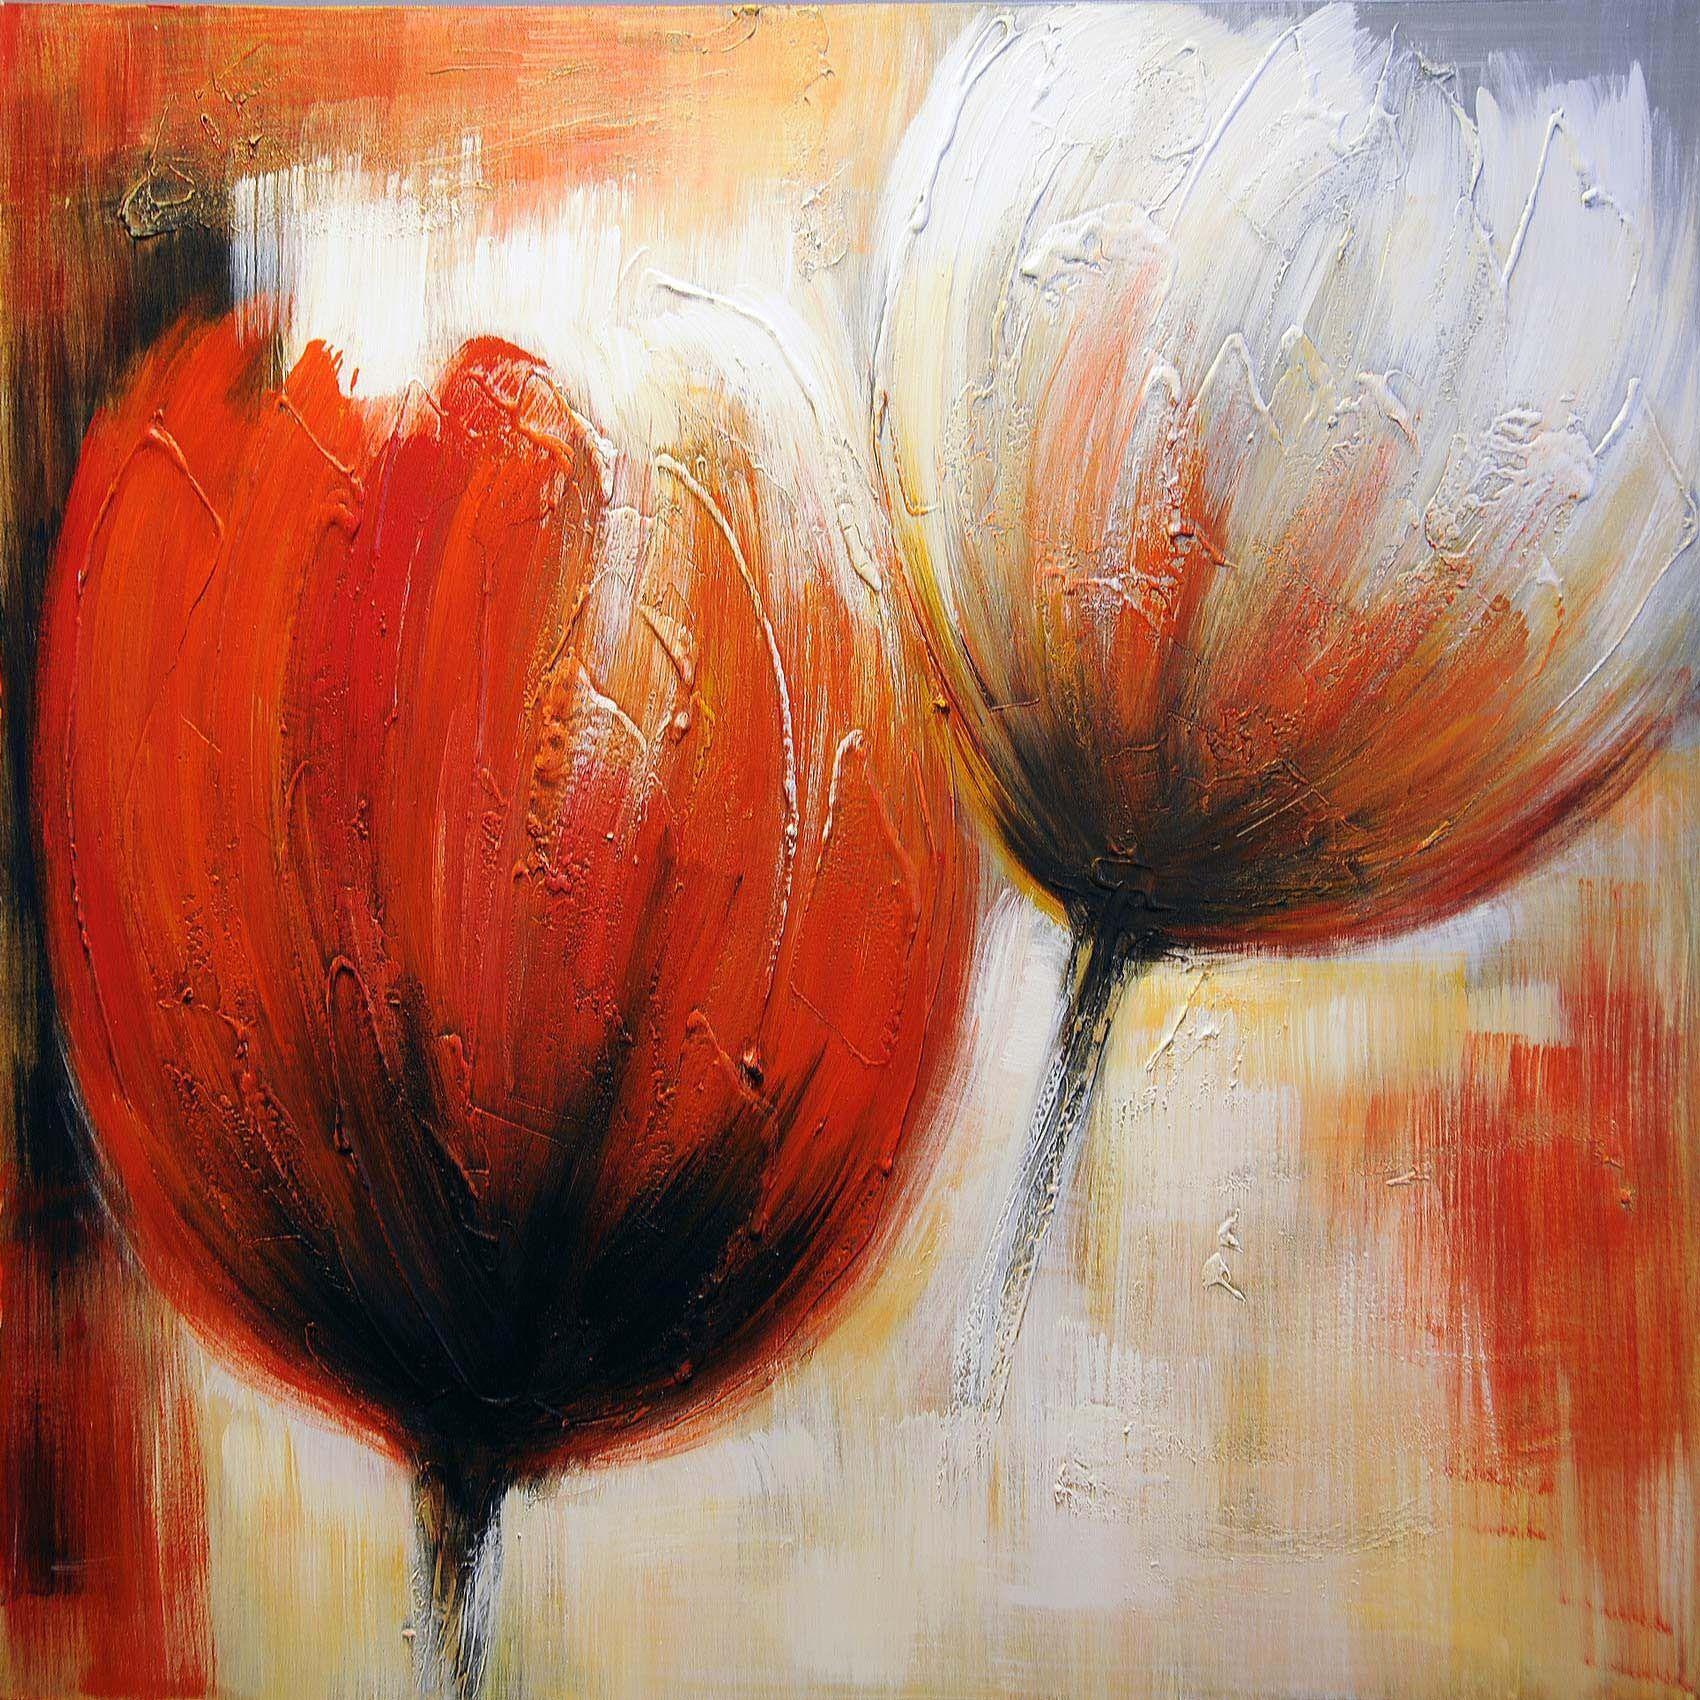 acryl schilderijen | bloemen schilderij 80cmx120cm 45011hh9860